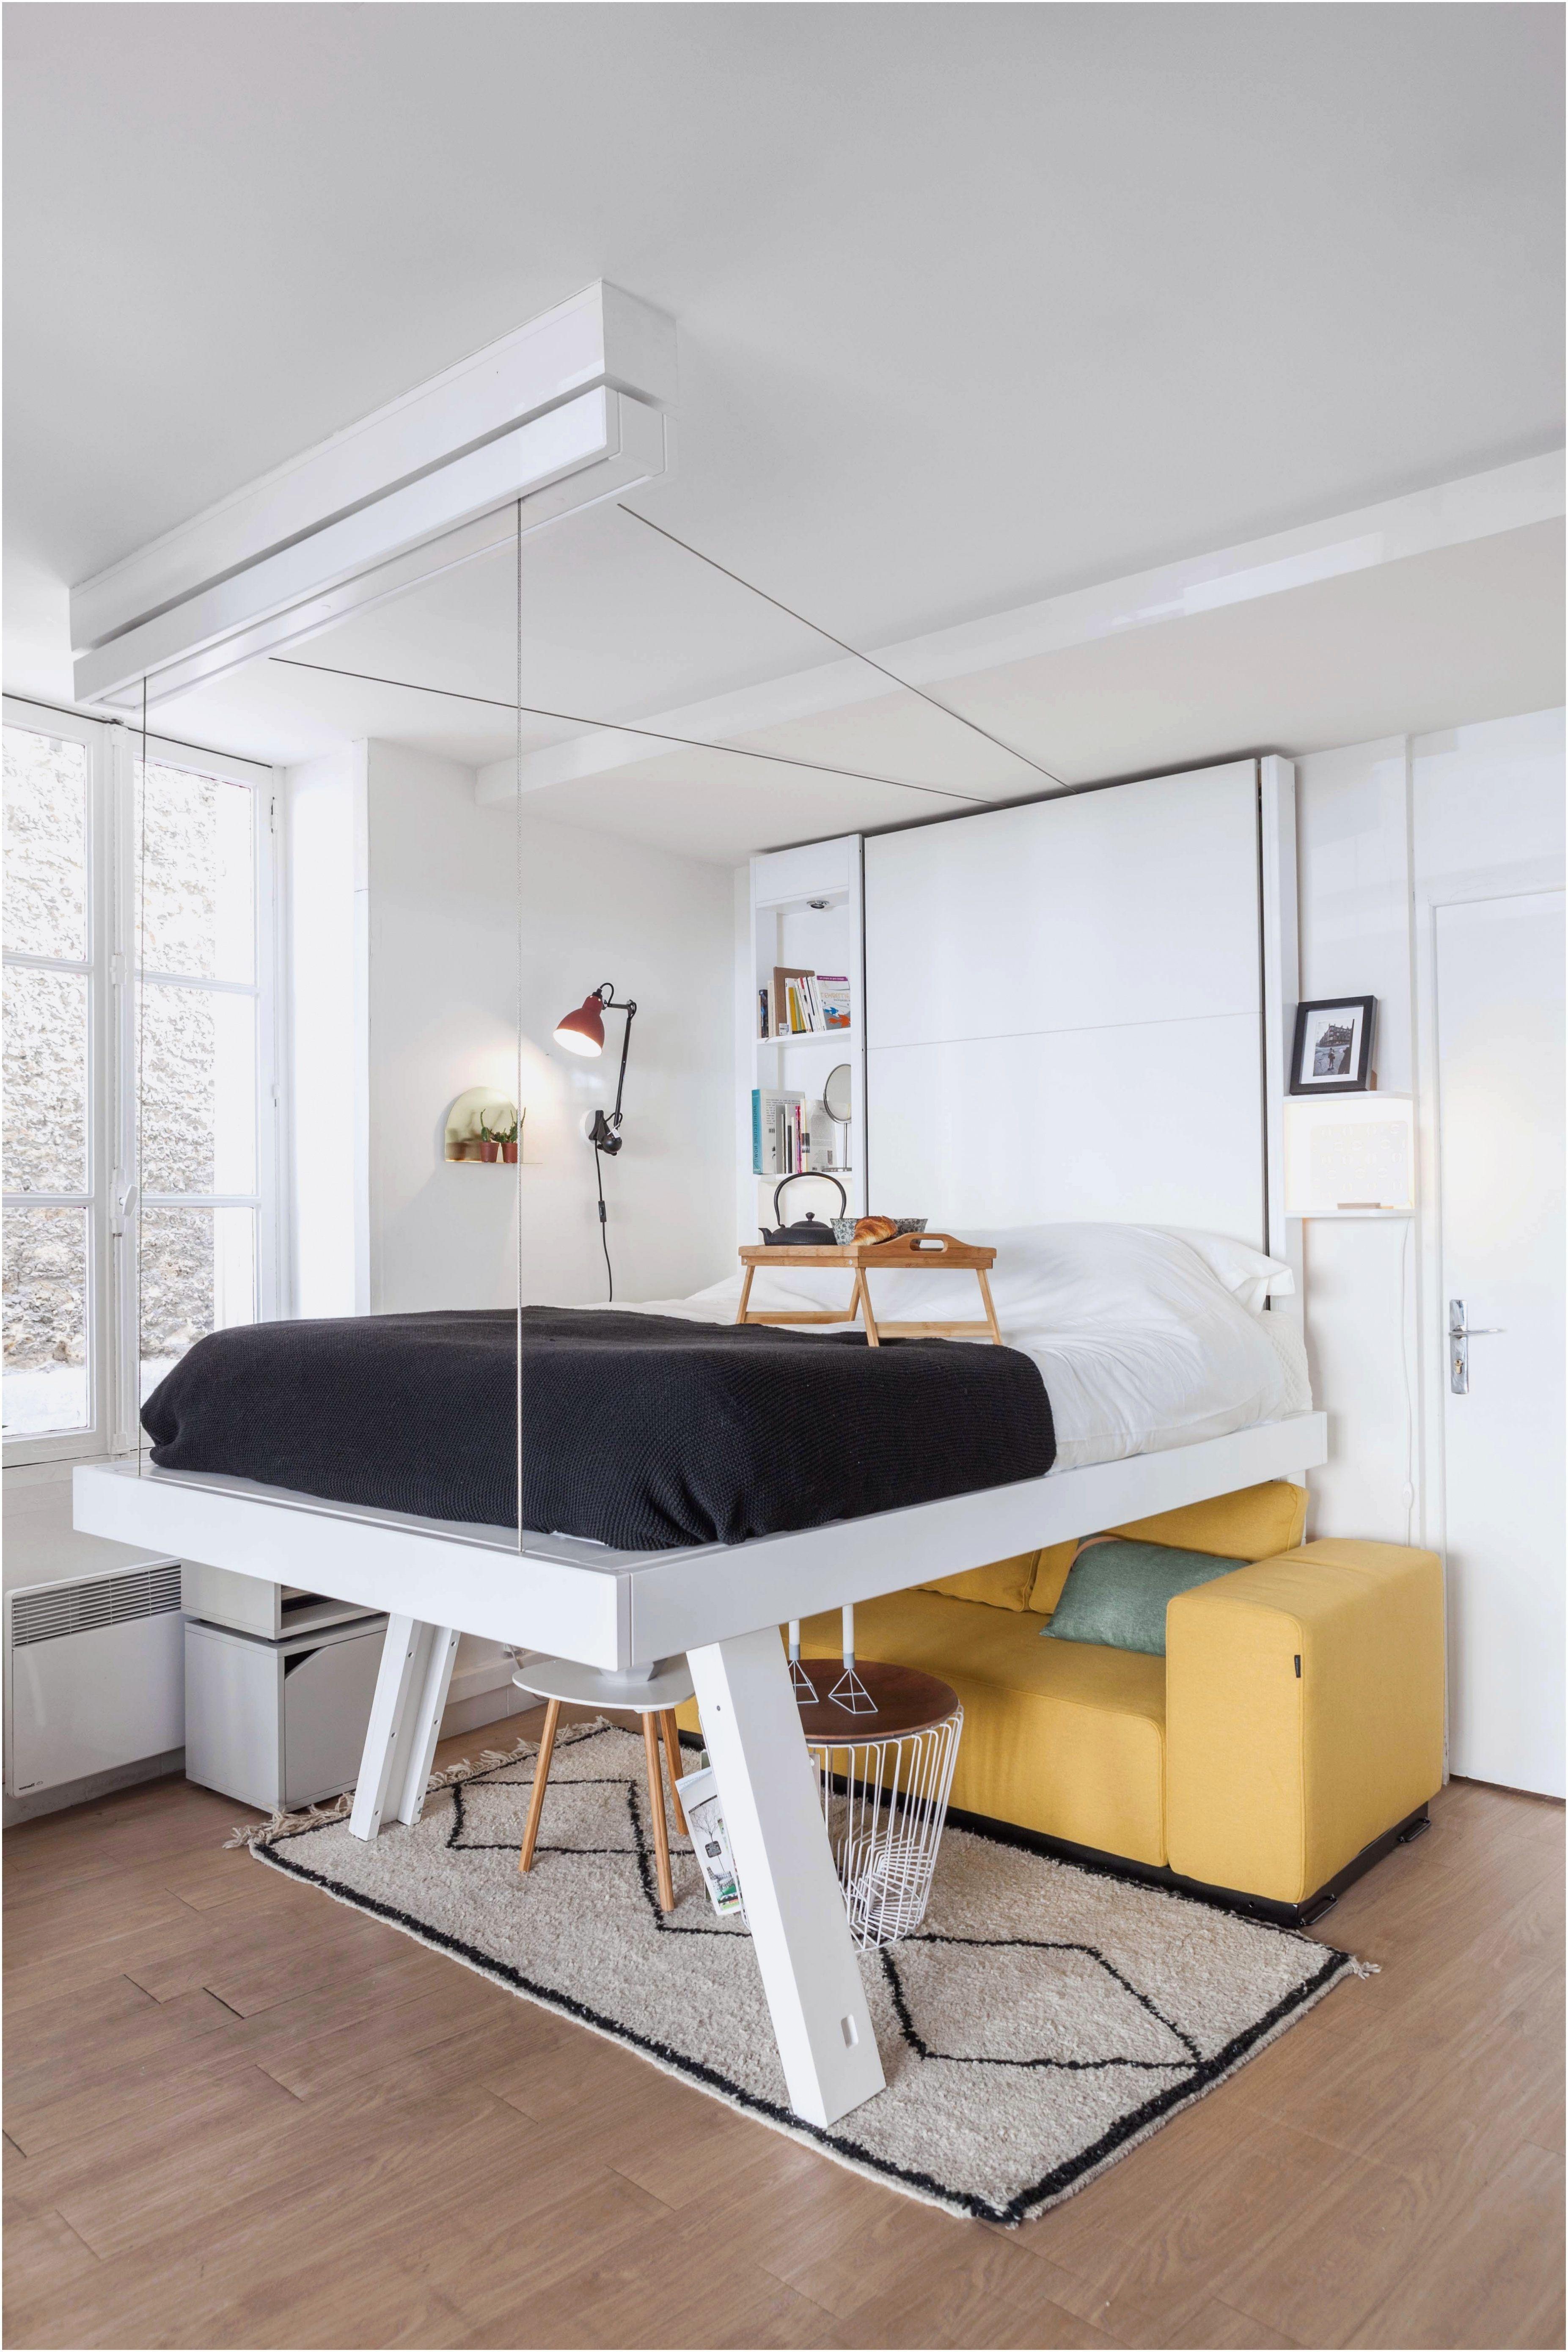 Table De Chevet Lit Mezzanine Bel E Bureau Reims Elegant Languages Resume Fresh Point Resume 0d Resume